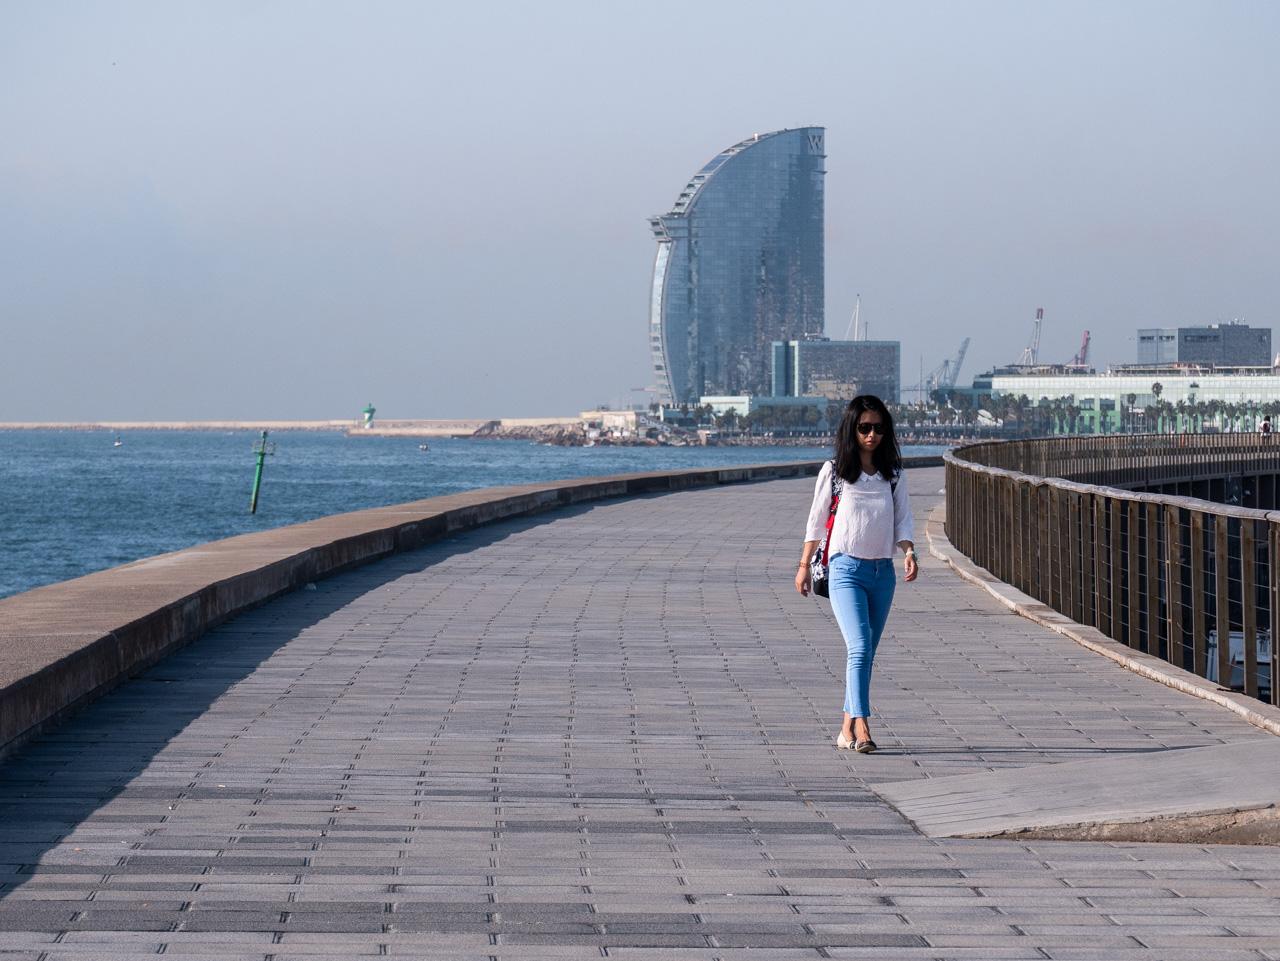 Se balader sur le front de mer à Barcelone